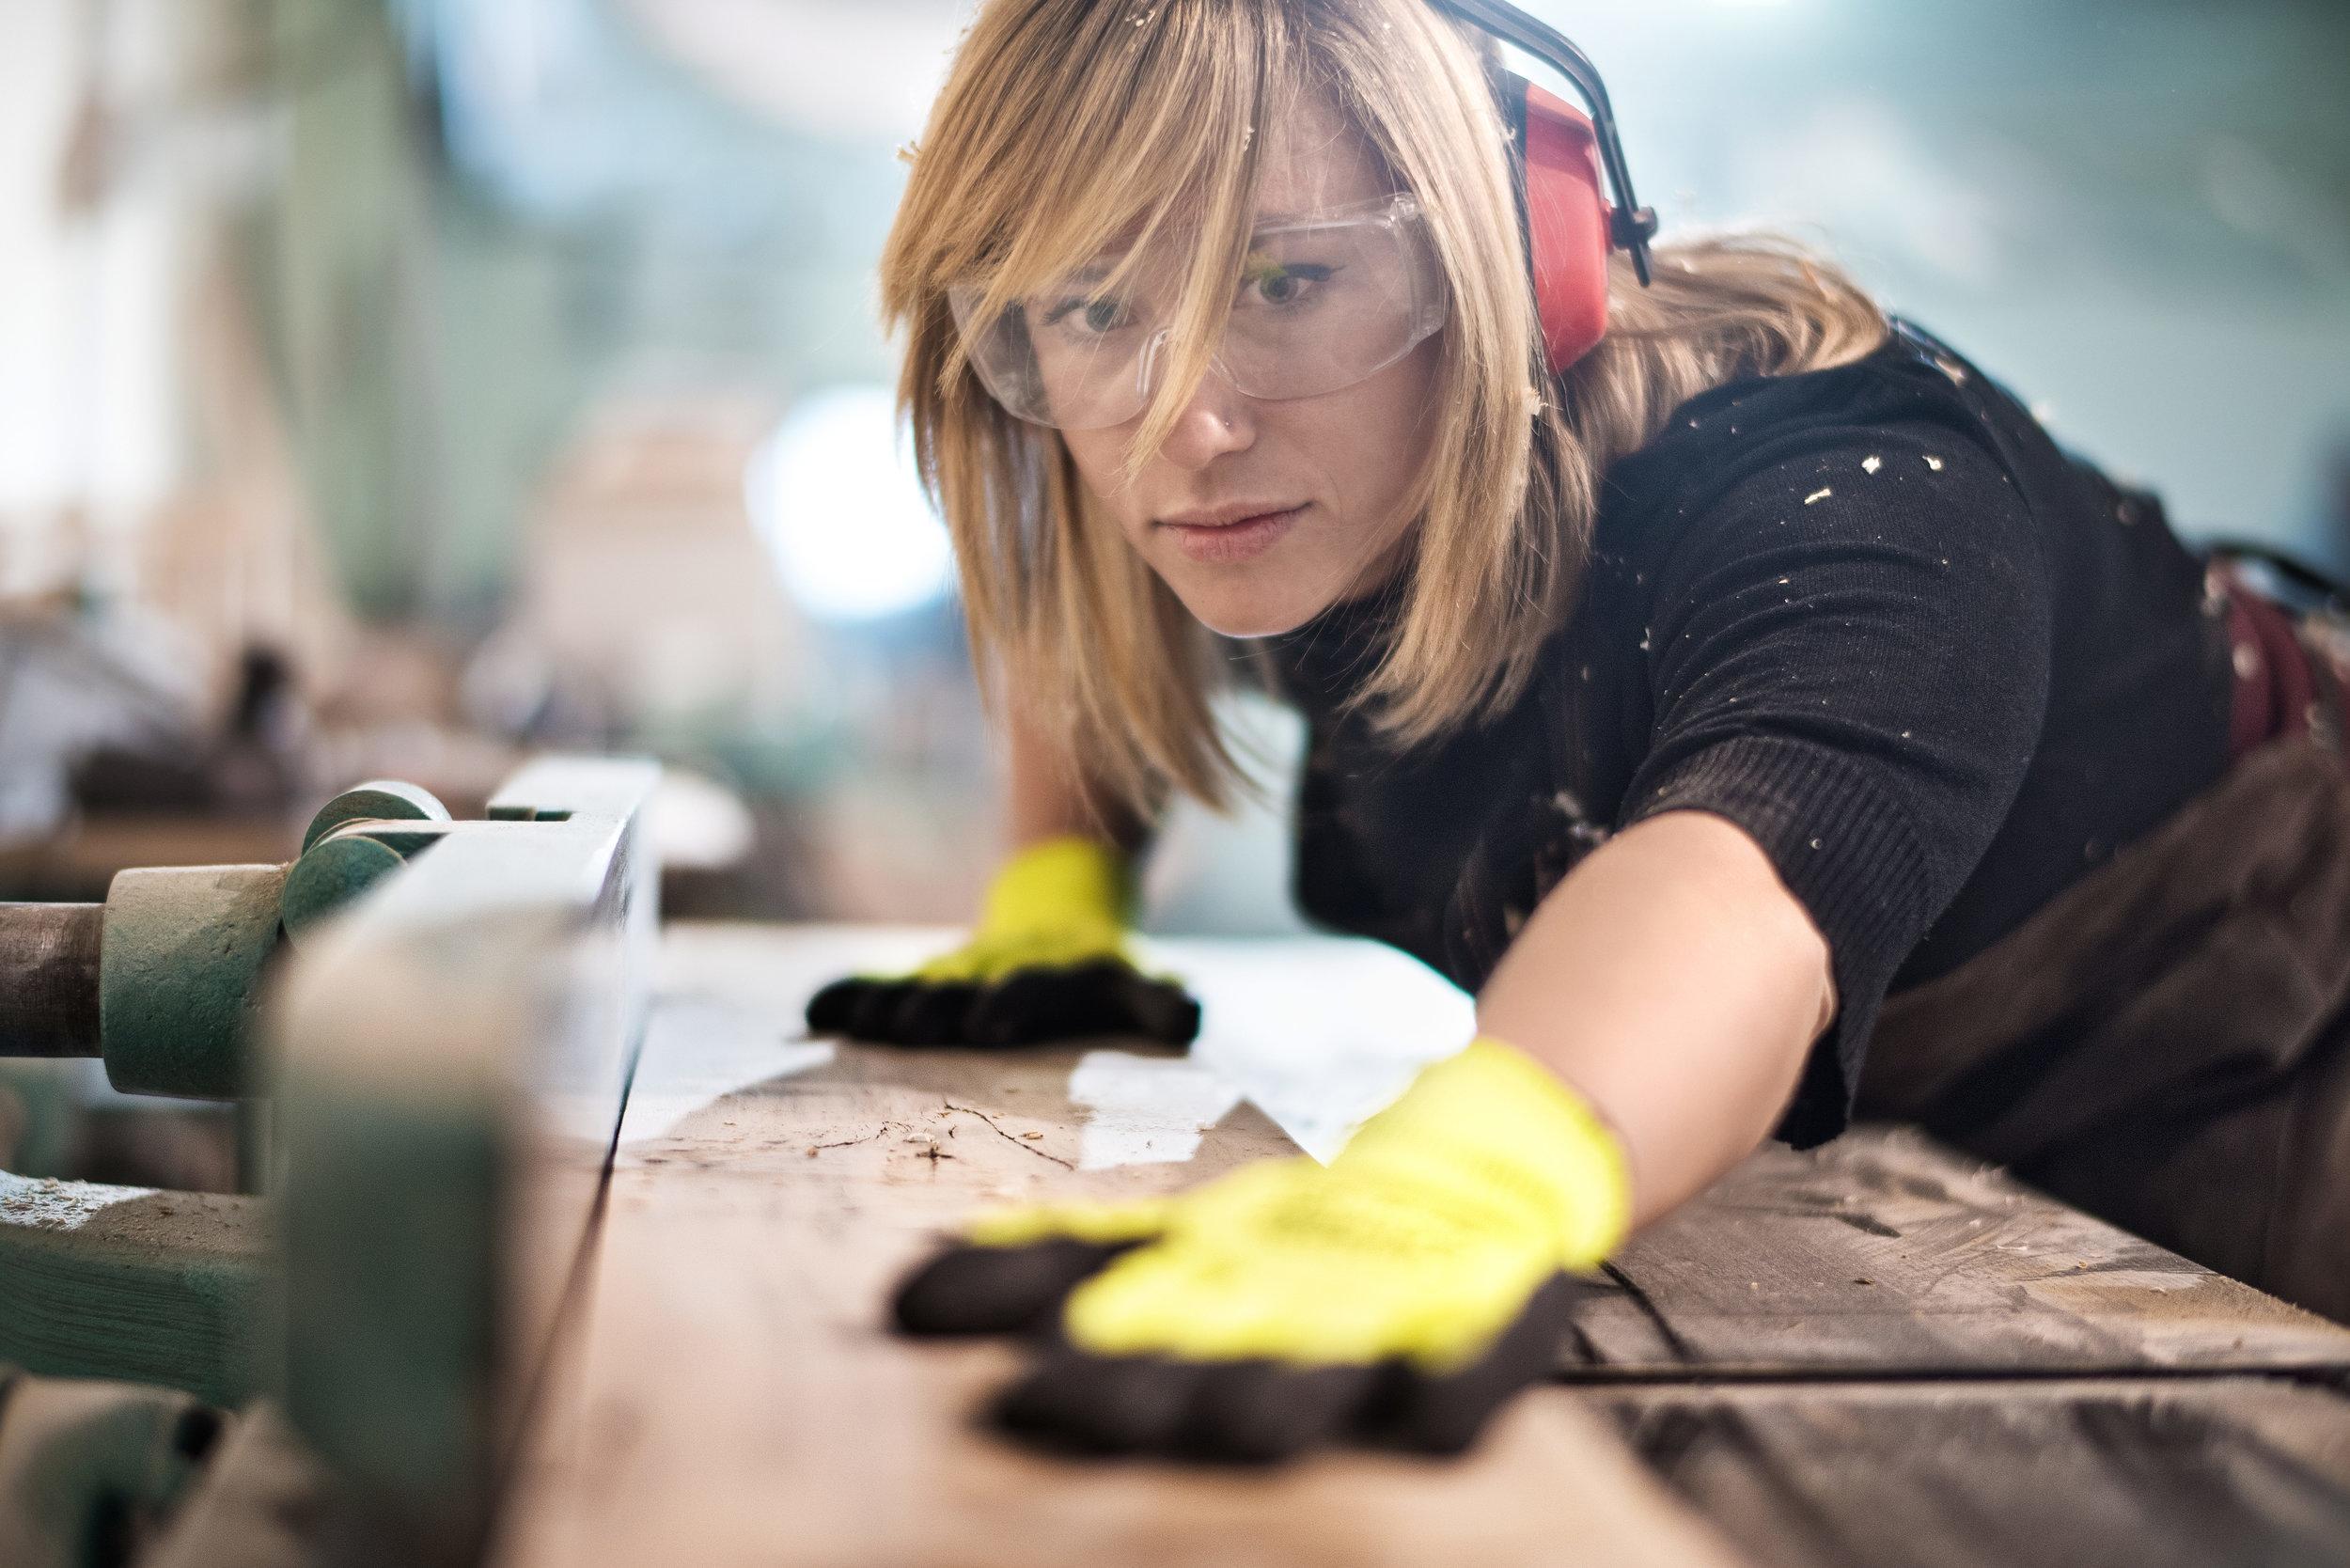 Blonde-woman-cutting-a-plank-516012290_7360x4912_sIZED.jpg